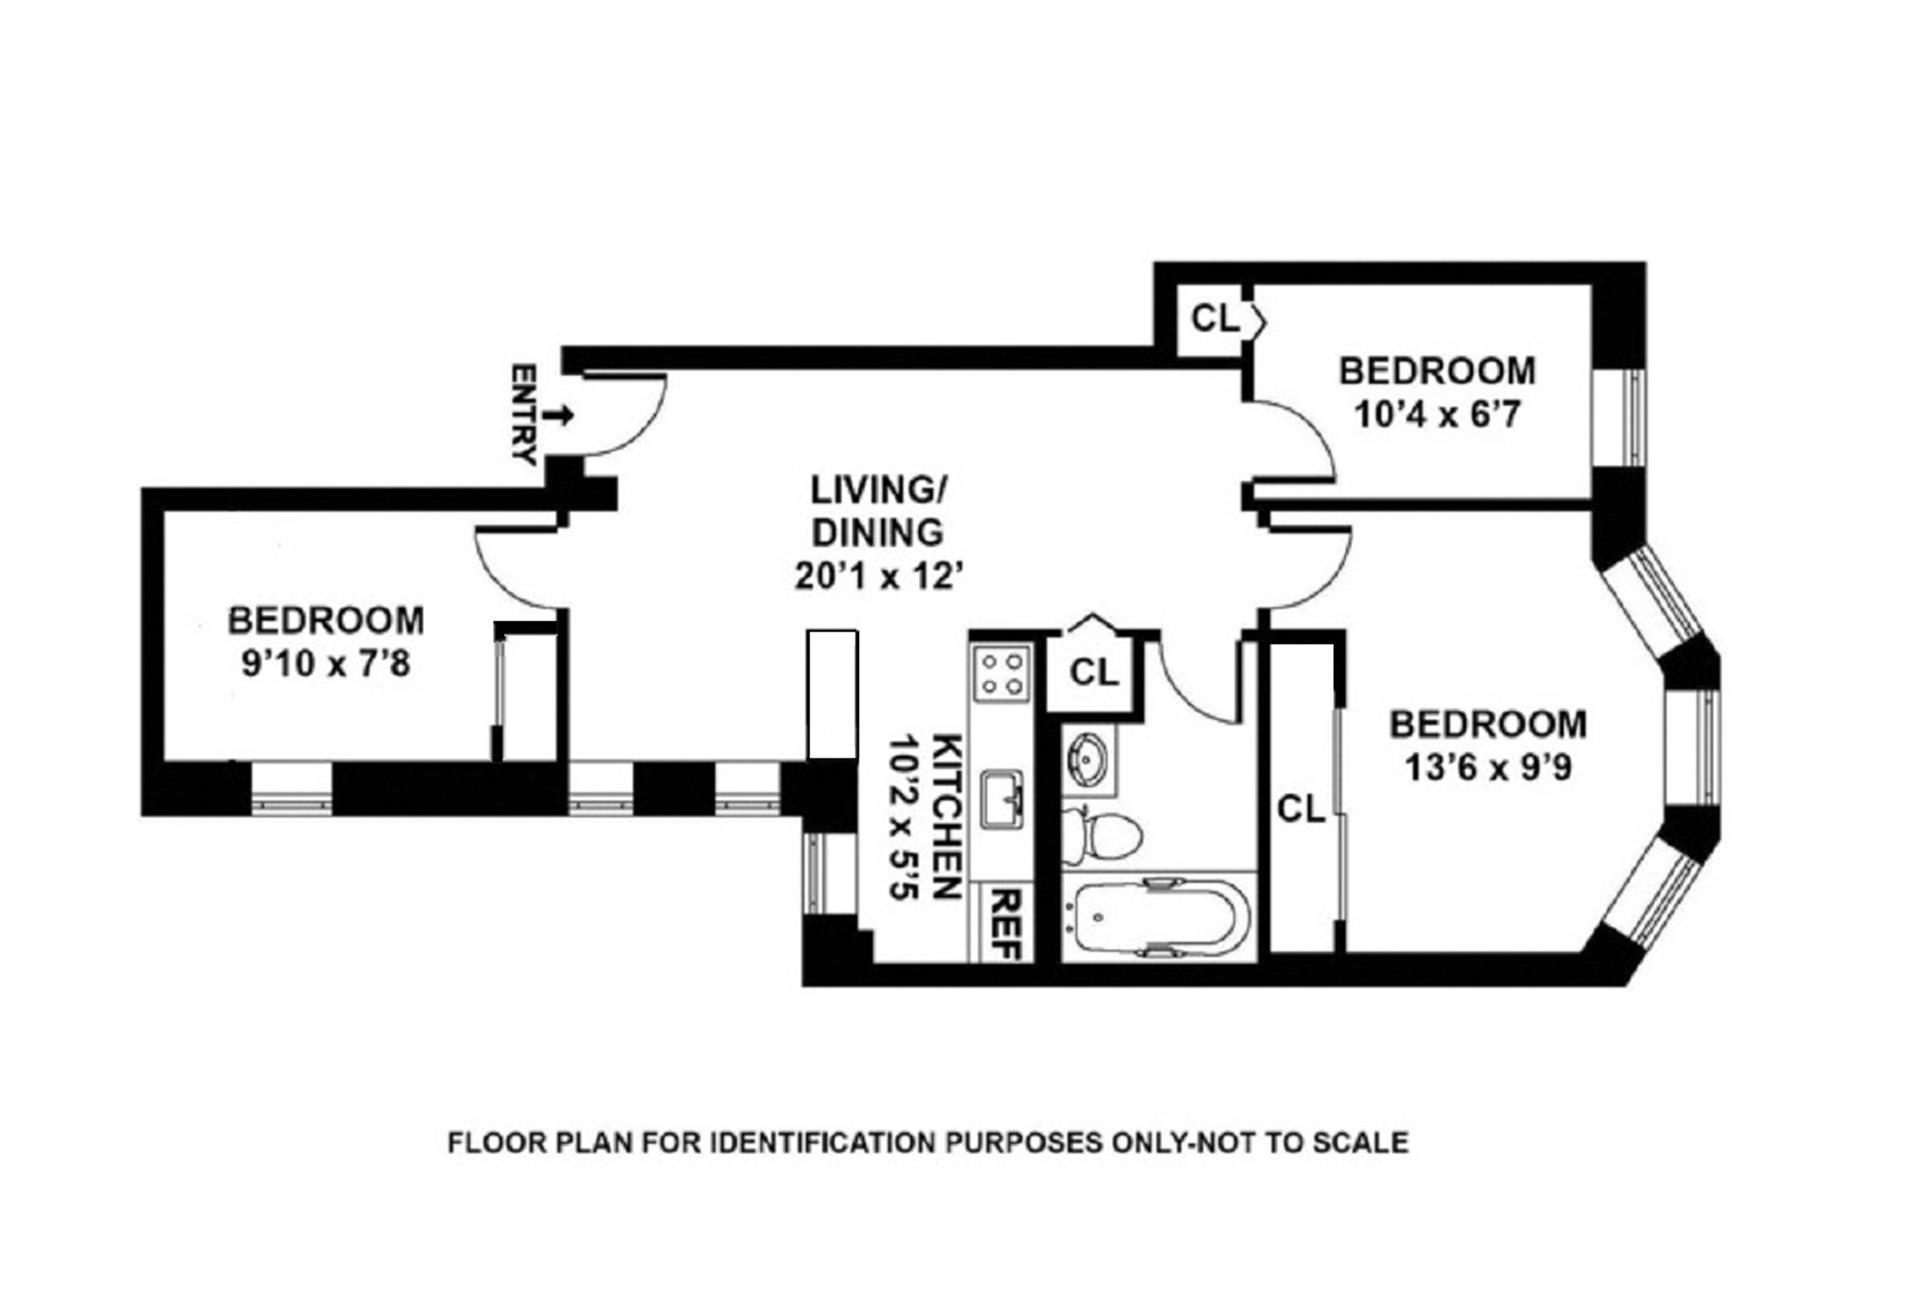 Floor plan of 1062 Bergen St, 2B - Crown Heights, New York